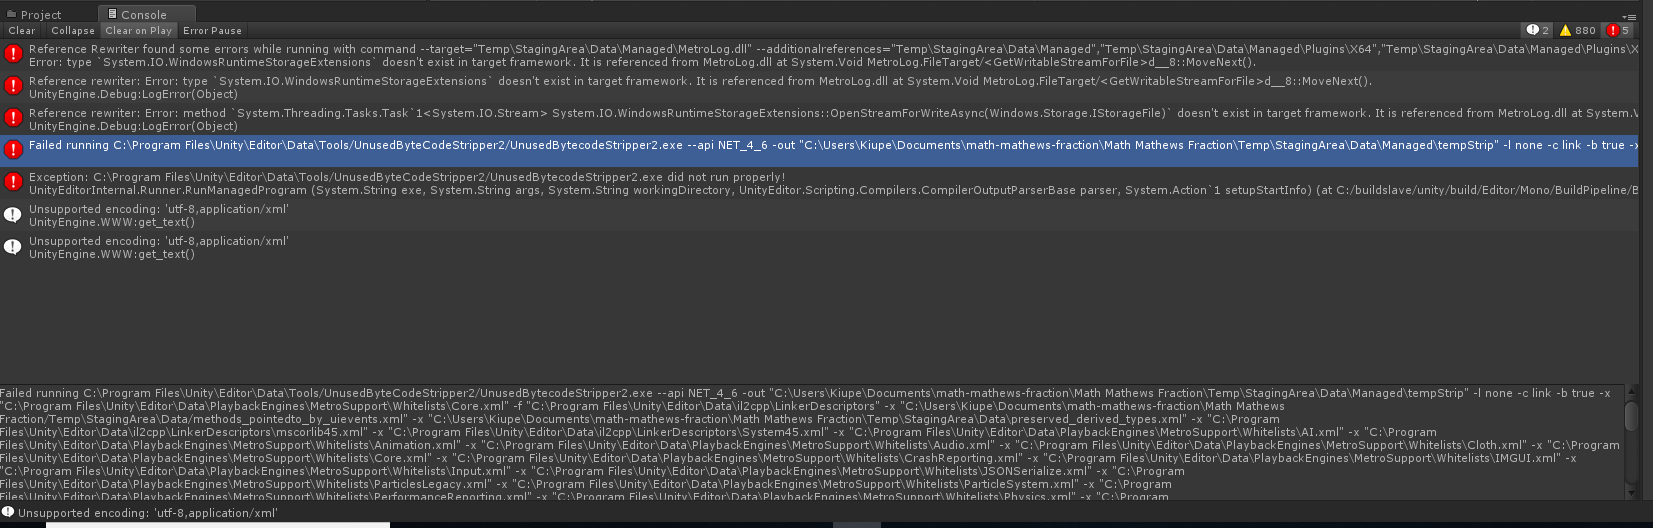 il2cpp_error.PNG